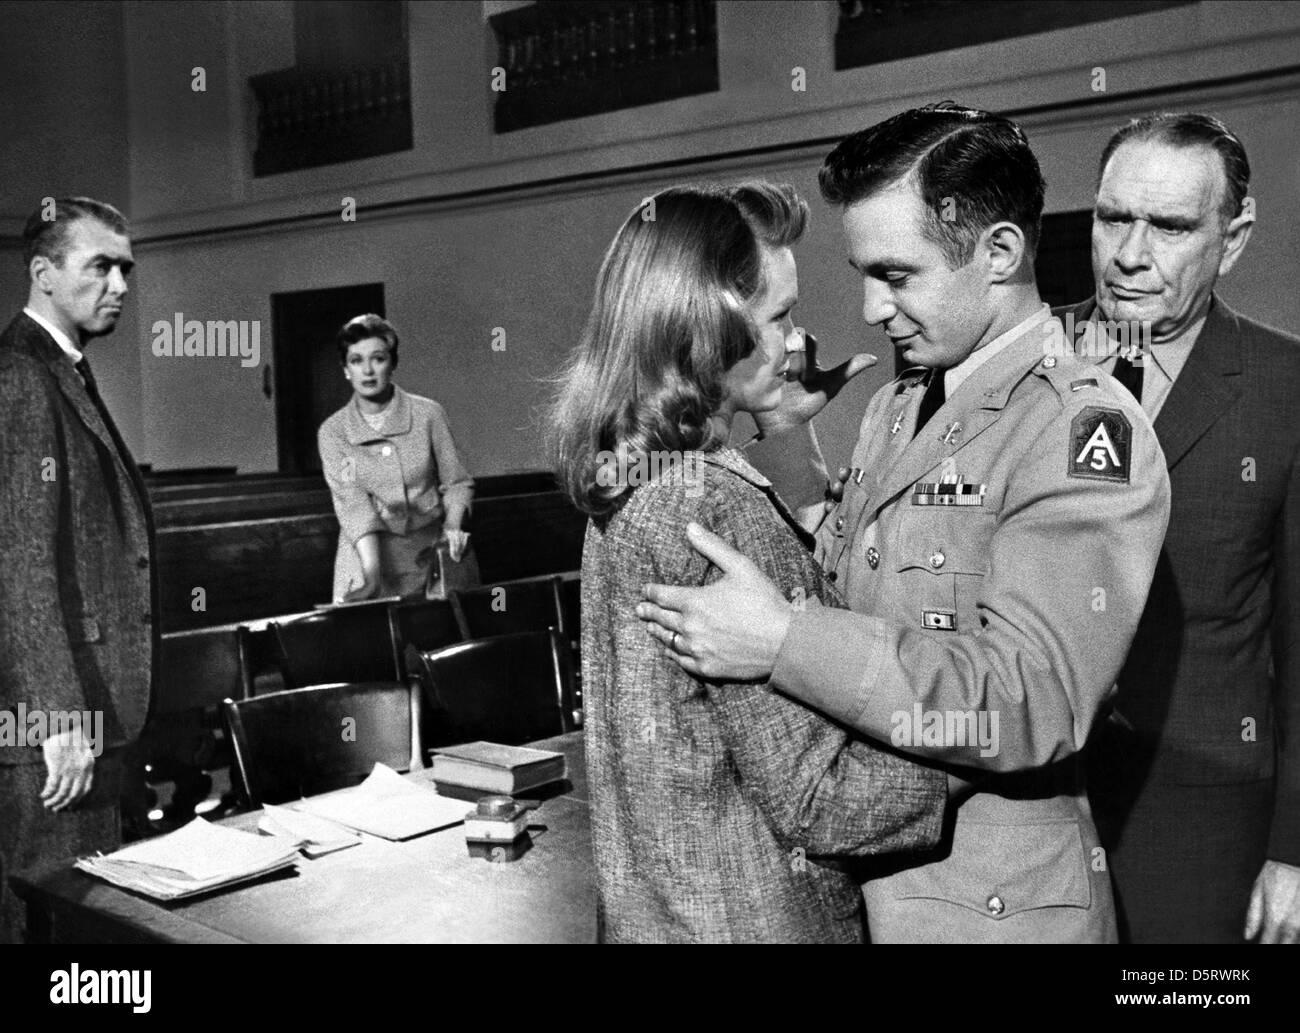 JAMES STEWART & EVE ARDEN ANATOMY OF A MURDER (1959 Stock Photo ...